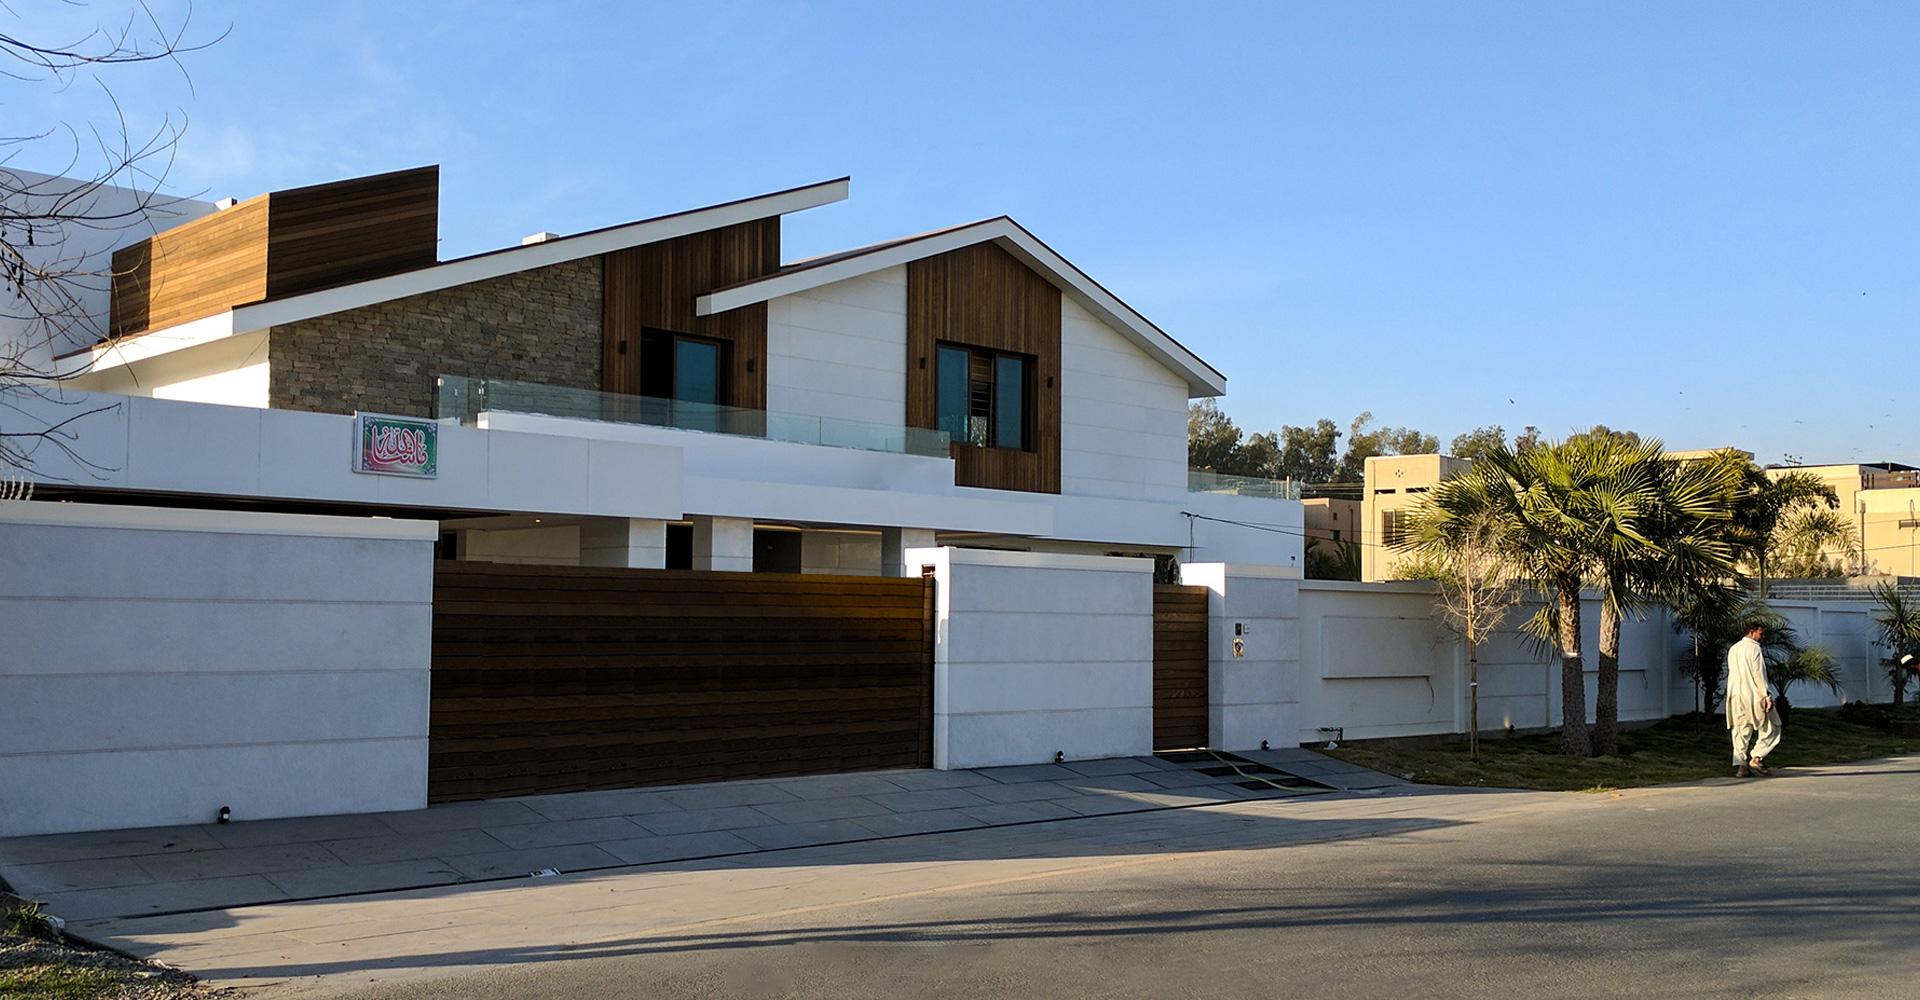 Residential-Interior-Design-Hiline-Lahore-portfolio-65J-DHA-EME-05 (01)